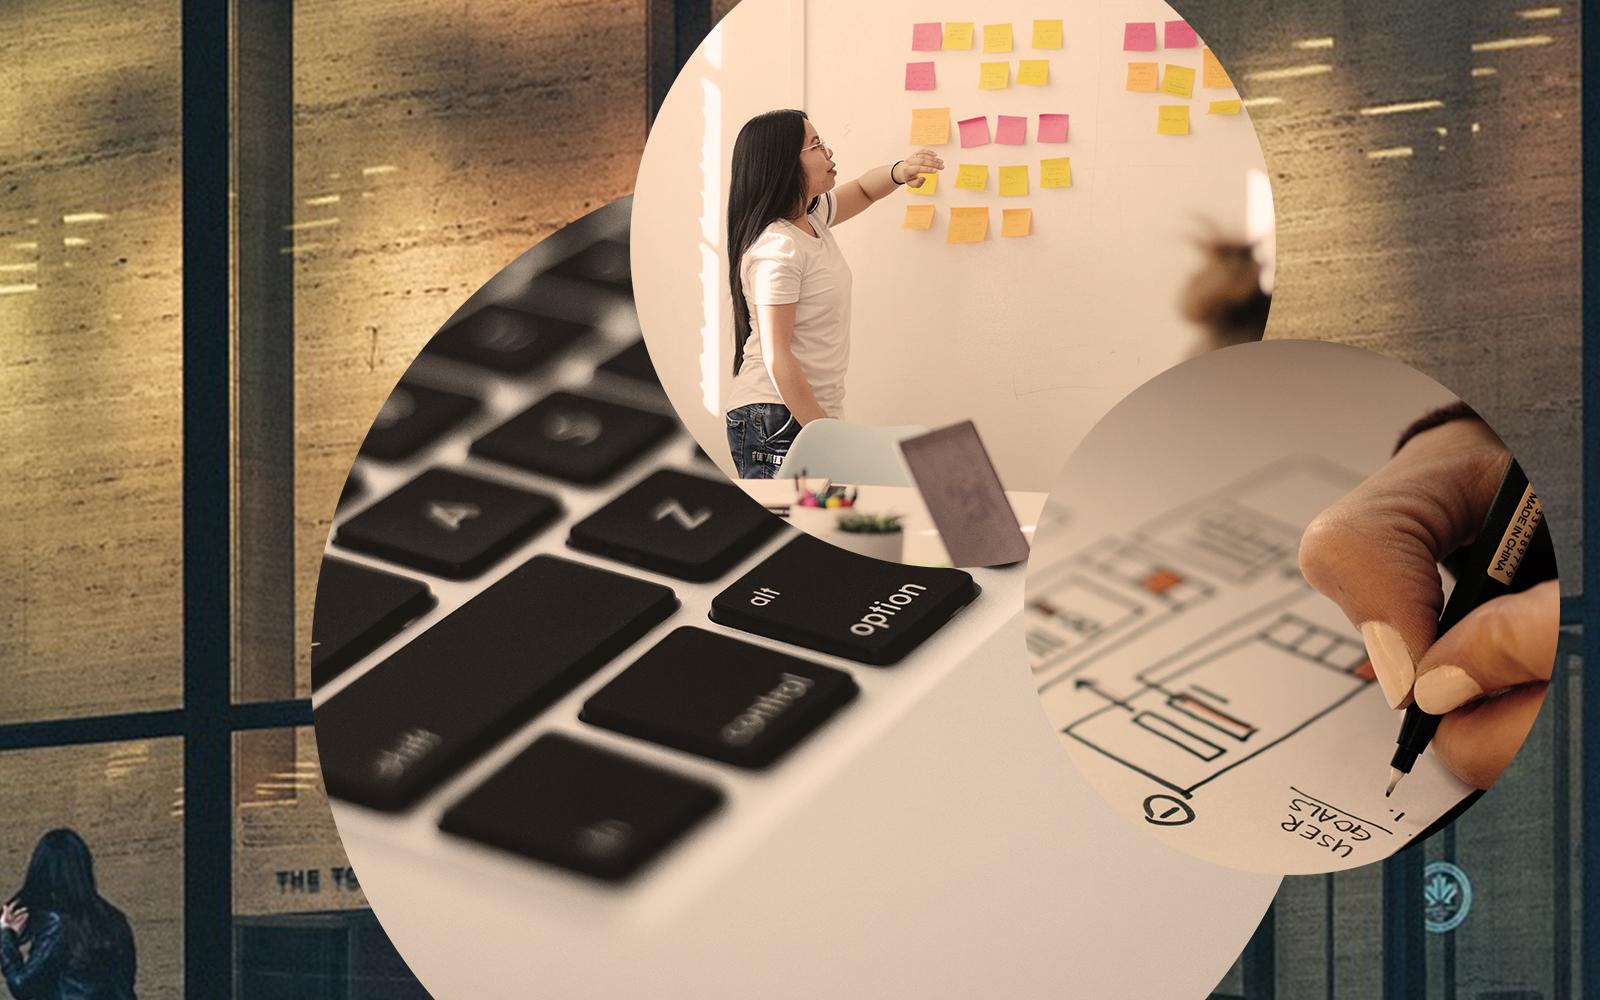 Bild einer Laptop-Tastatur, einer Frau, die vor einem Whiteboard mit bunten Post-Its steht, sowie die Zeichnung einer Projektplanung, Bild zum Blogbeitrag für ein erfolgreiches Customer Relationship Management (CRM)